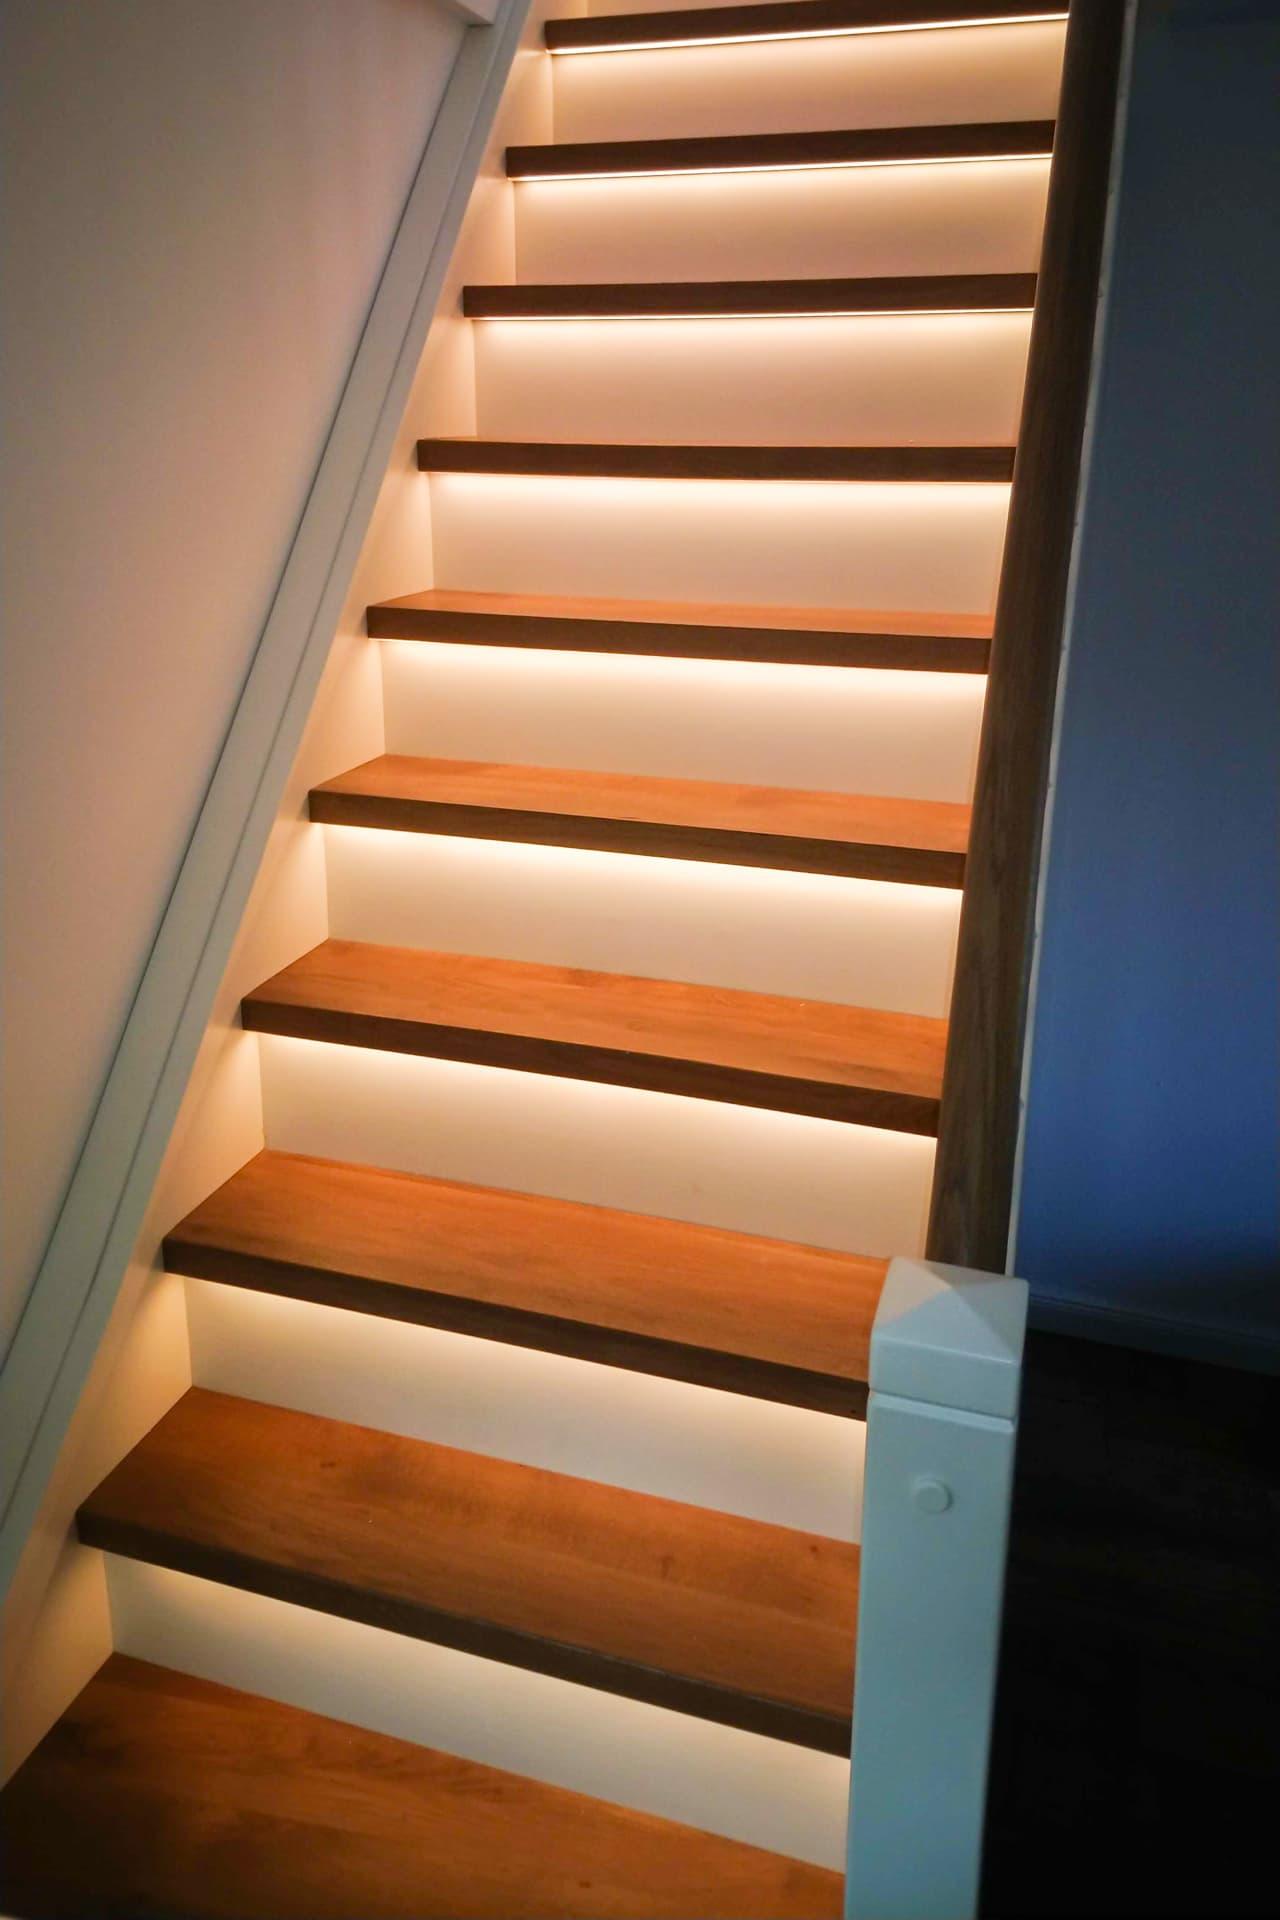 Bild: Tischlerei Gebrüder Stamen GbR aus Ense - Treppe-DSC_2313